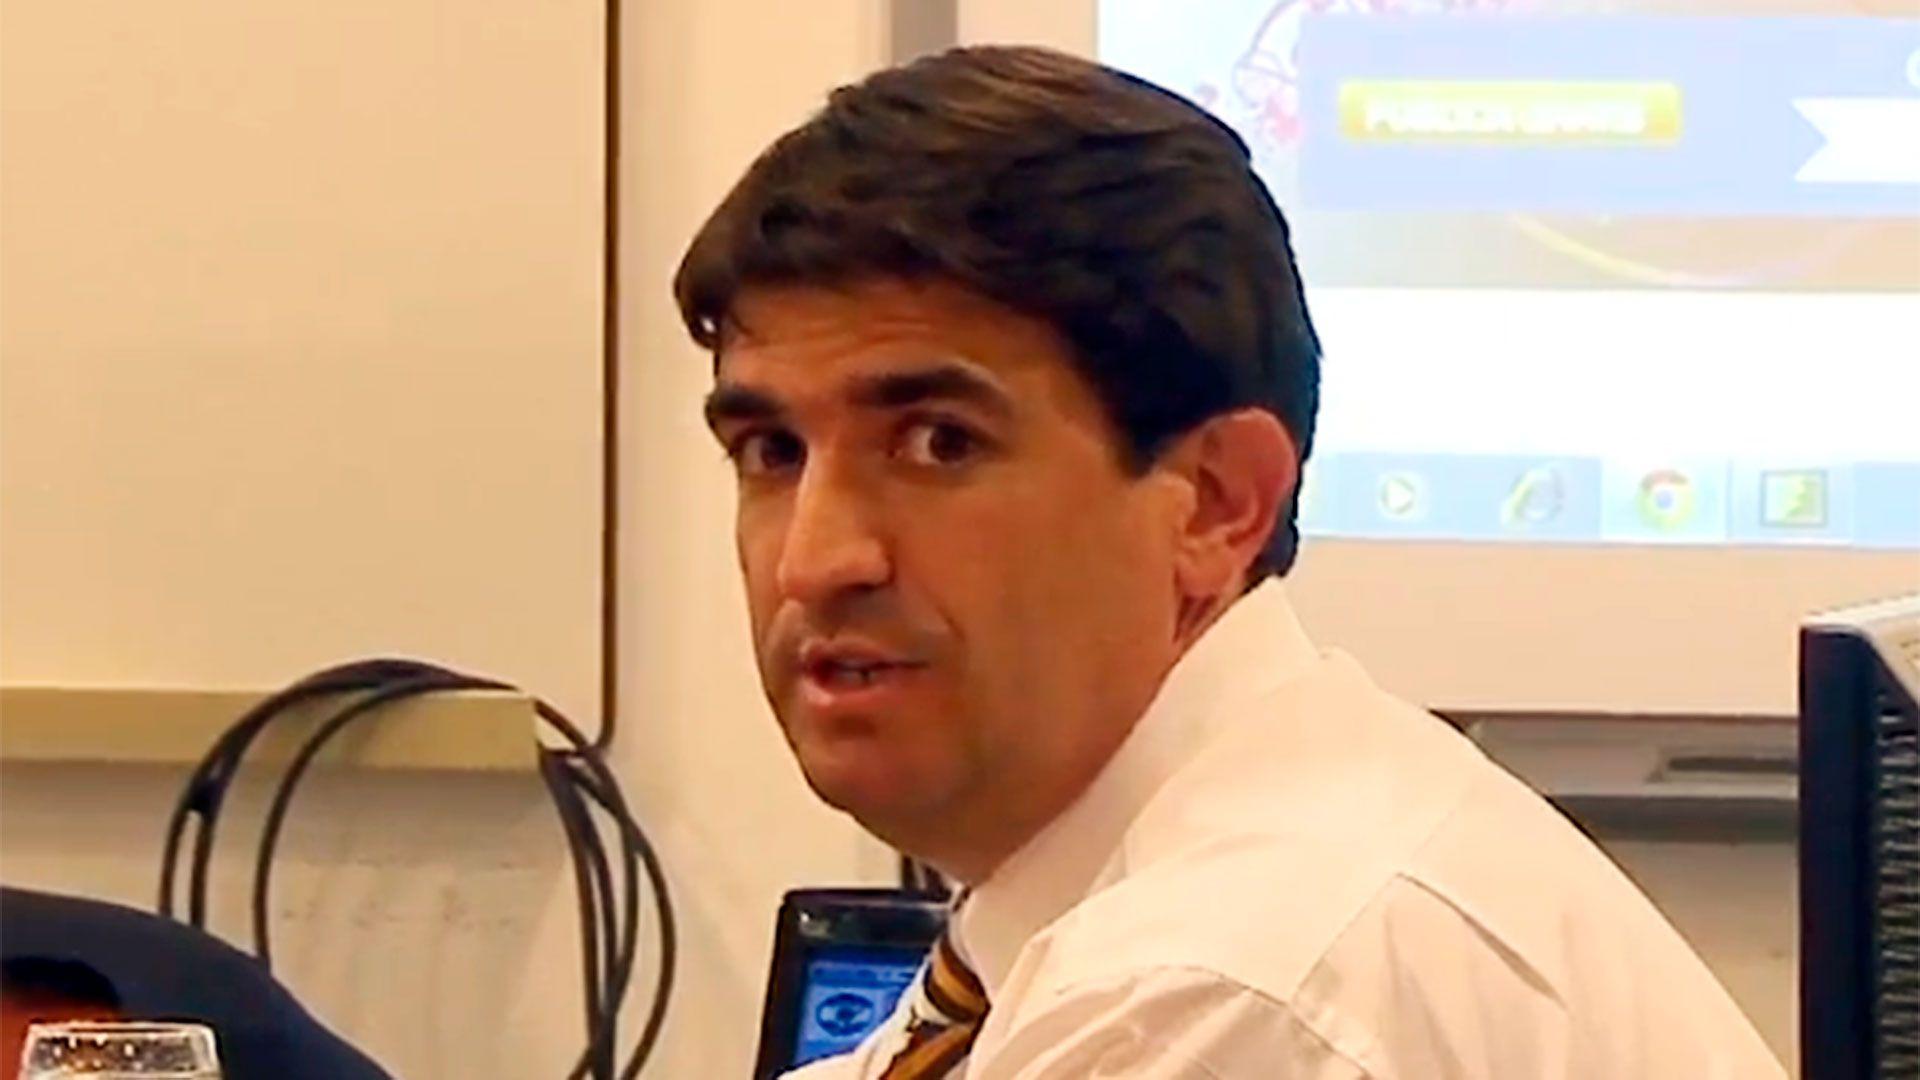 Diego Masci